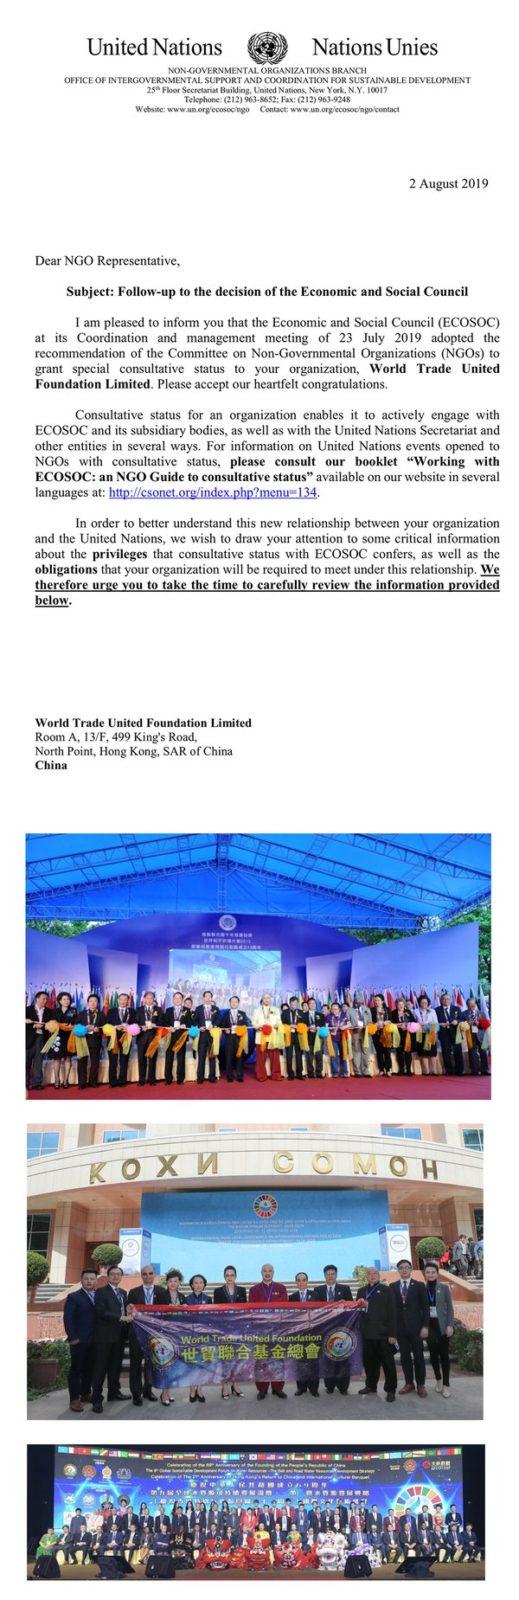 世貿聯合基金總會獲聯合國咨商地位